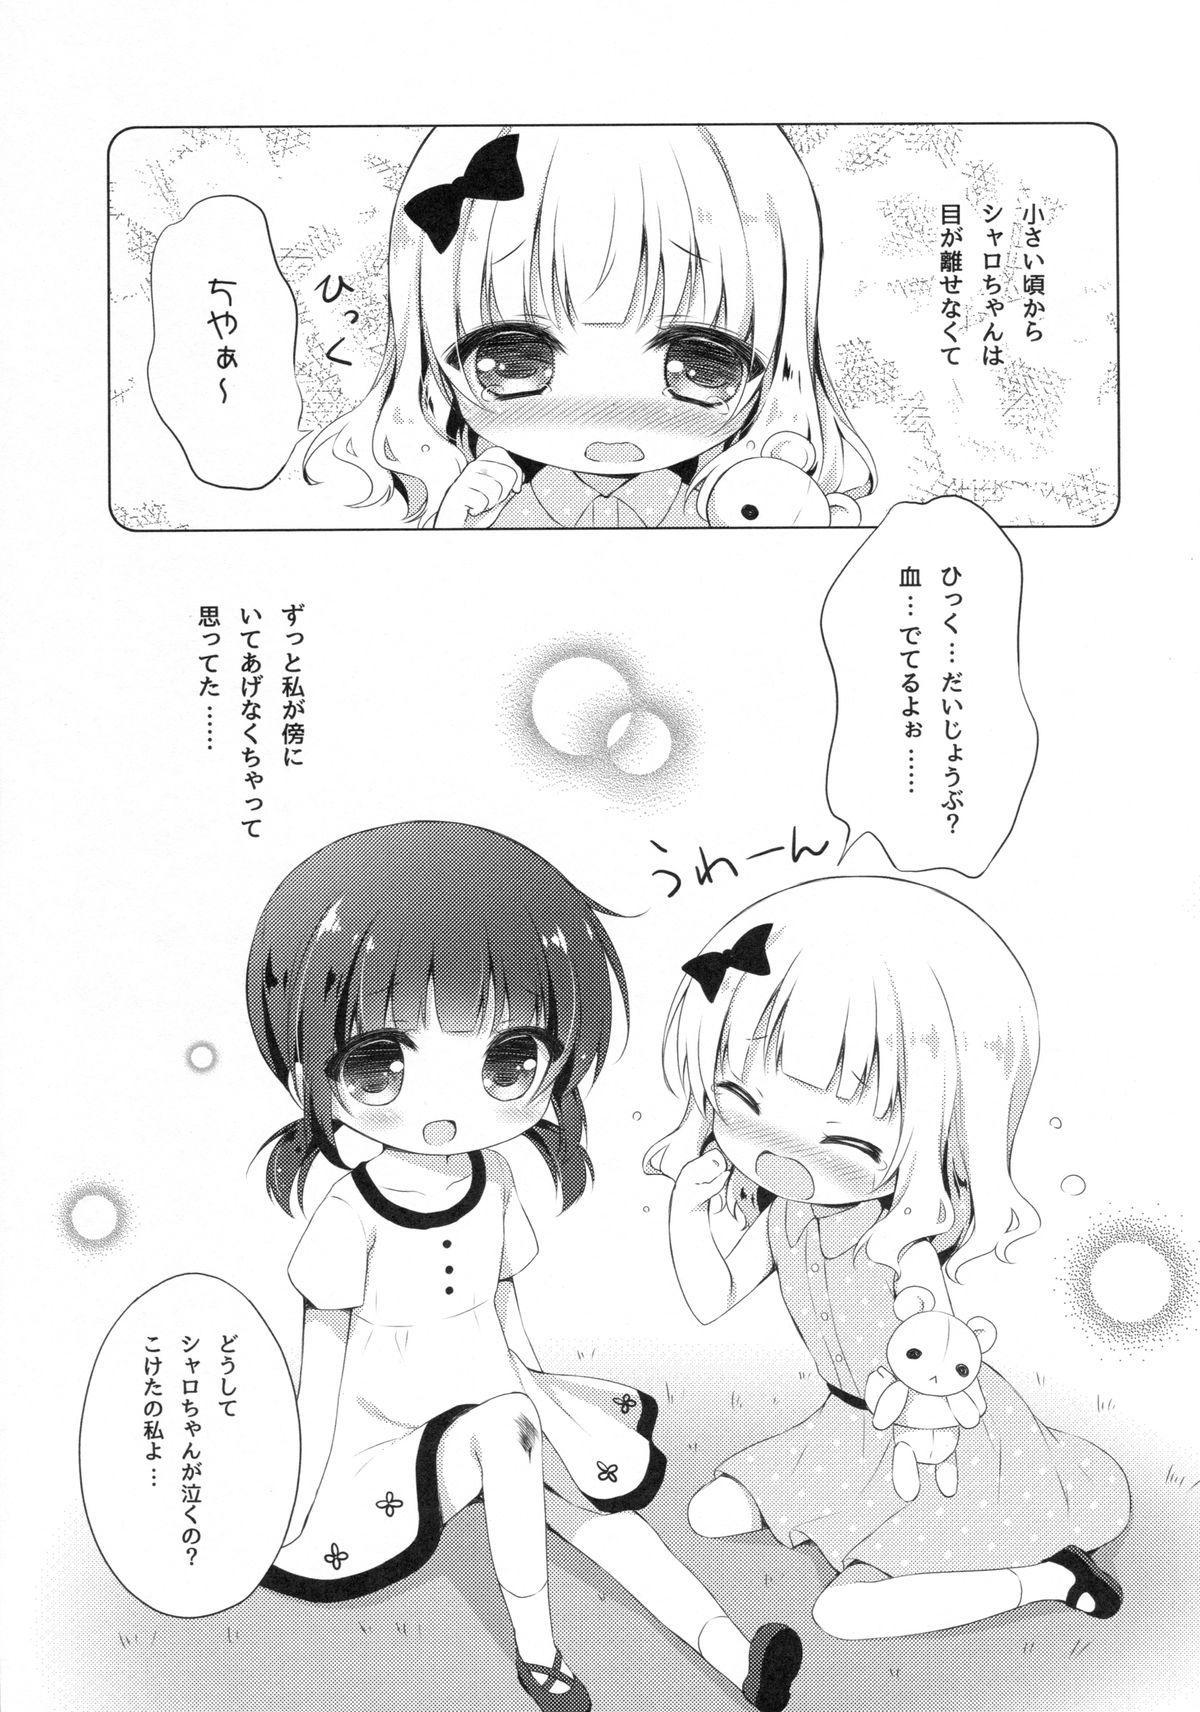 Gochuumon wa Kataomoi desu ka? 4